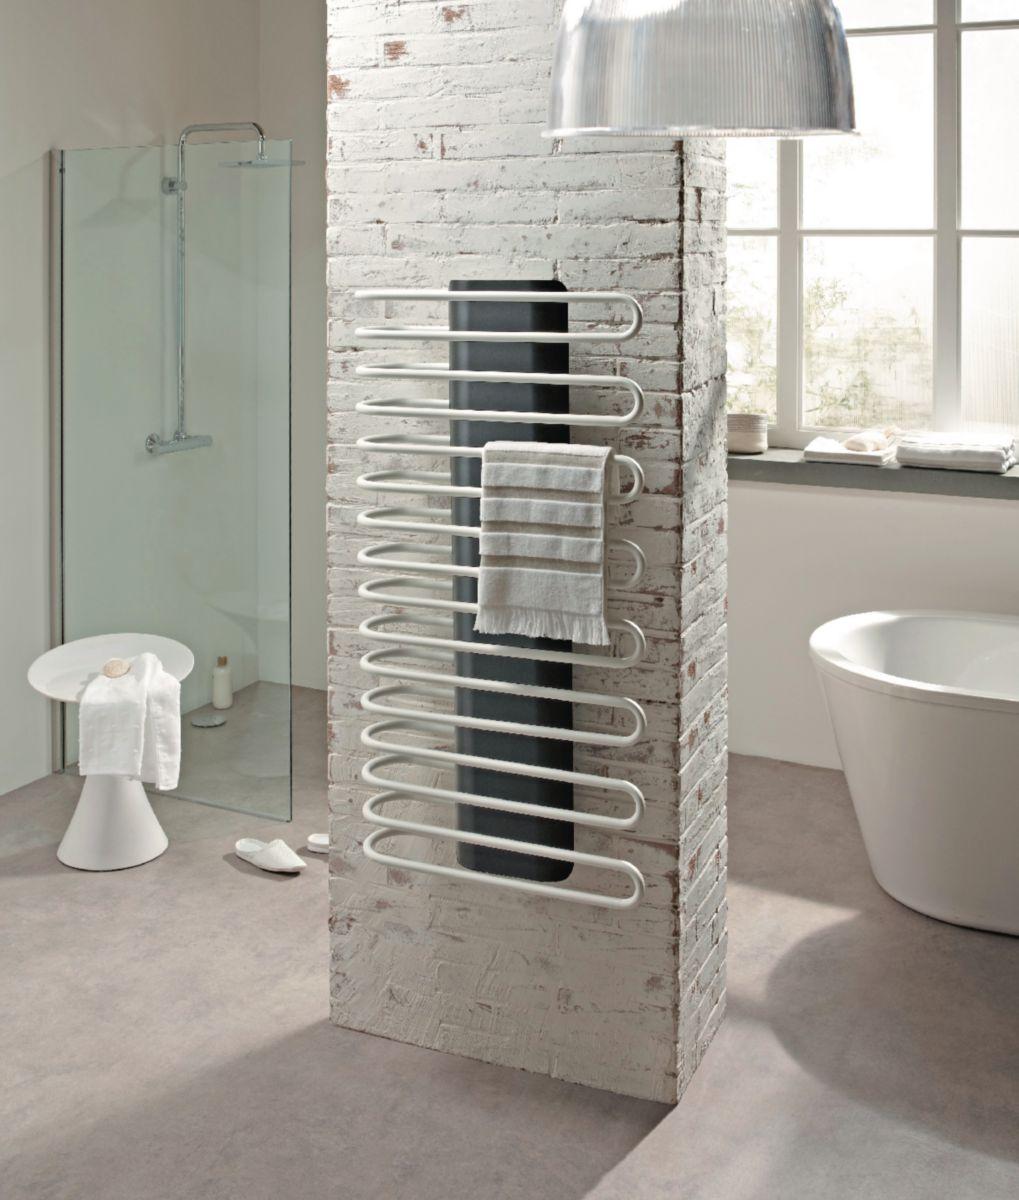 Radiateur sèche-serviettes SANAGA eau chaude acier colonne centrale noire tubes blancs 777 W SA50860CWTBT réf. F98A011106000B4YI